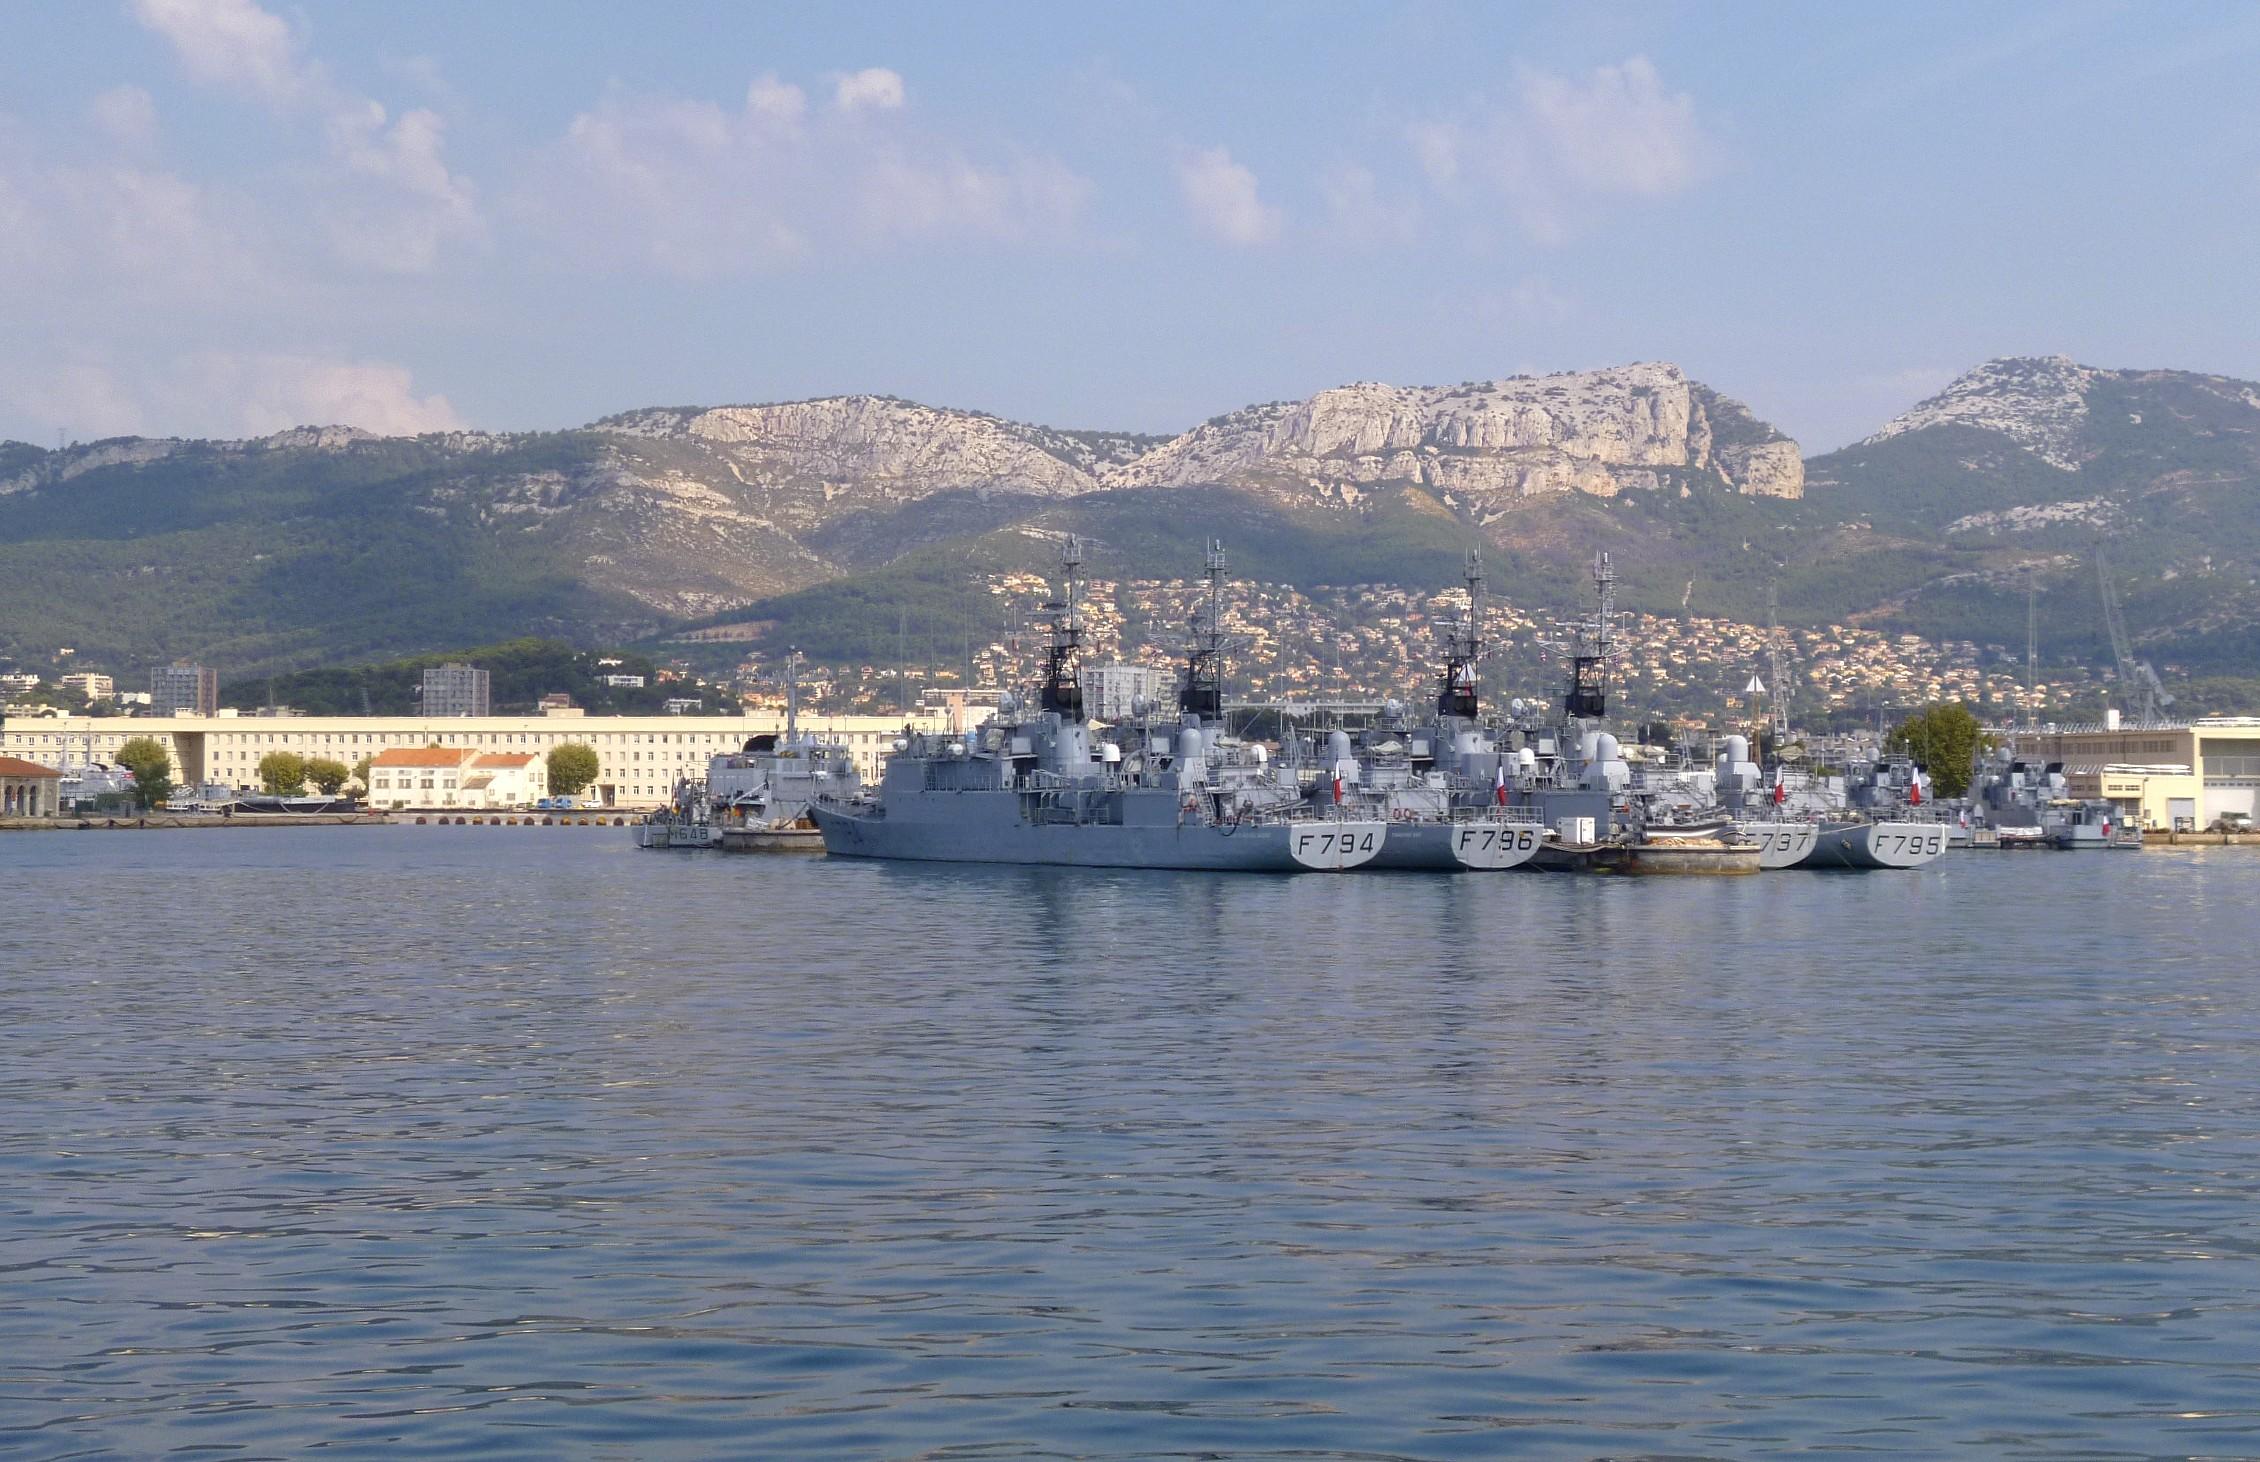 Les news en images du port de TOULON - Page 36 9562303045_4c3d7d56db_o